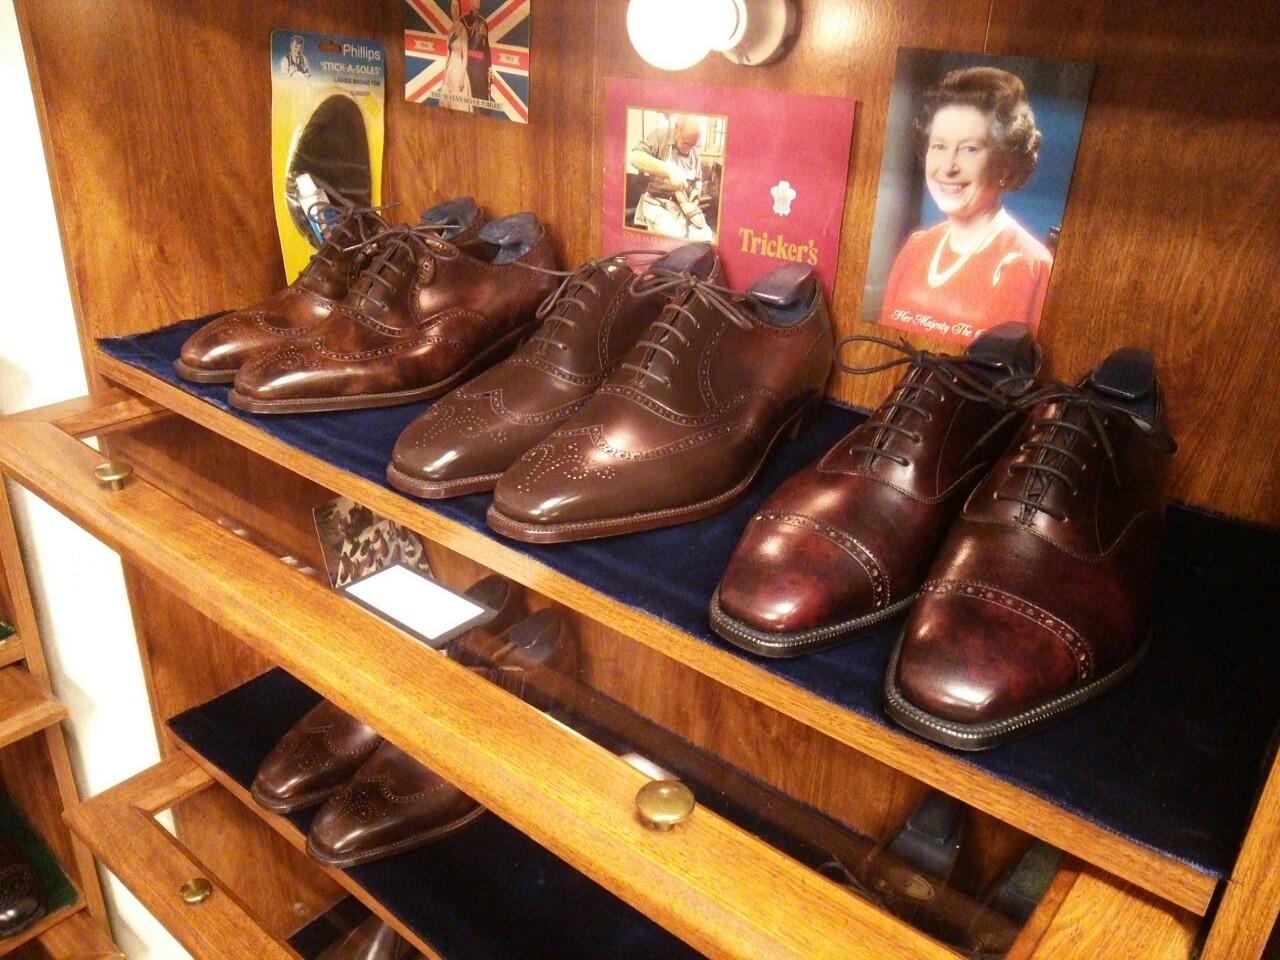 アンソニークレバリーの数々私用で上京した際、靴好きの間で知らぬ者はいないといわれる、日本屈指の靴修理店ユニオンワークス(UNION WORKS)へお邪魔いたしました。